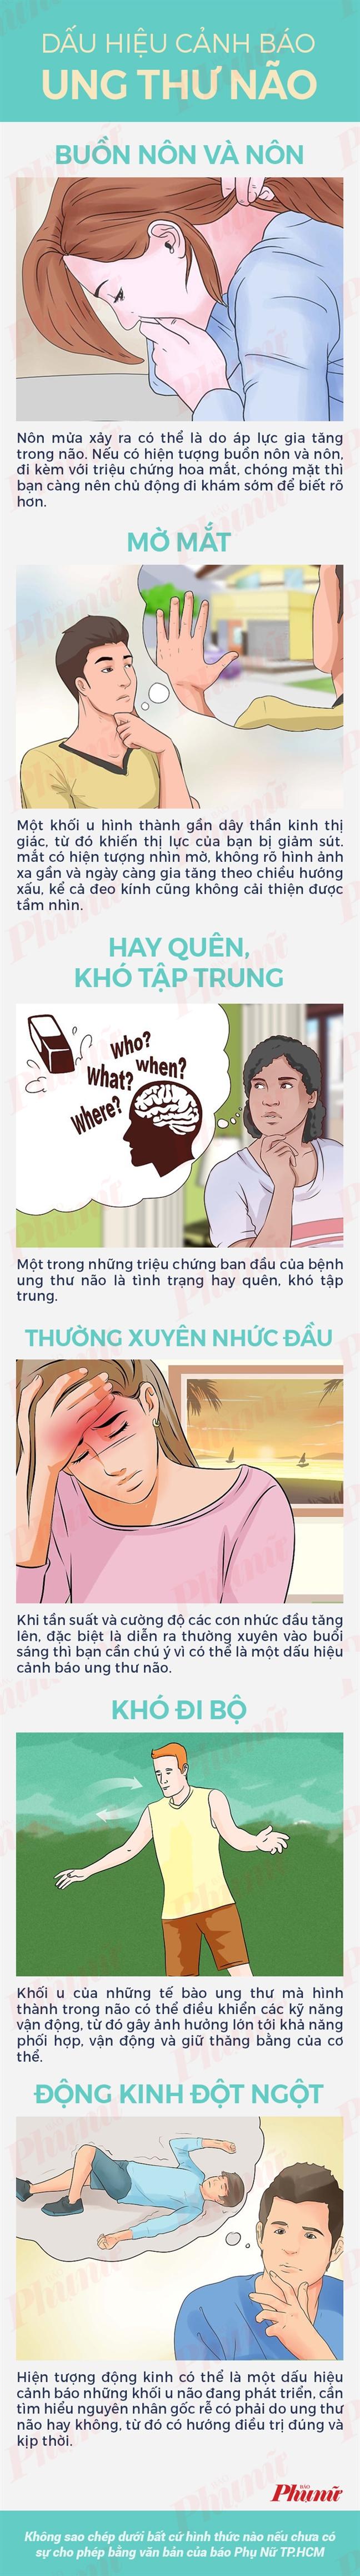 Dau hieu canh bao ung thu nao